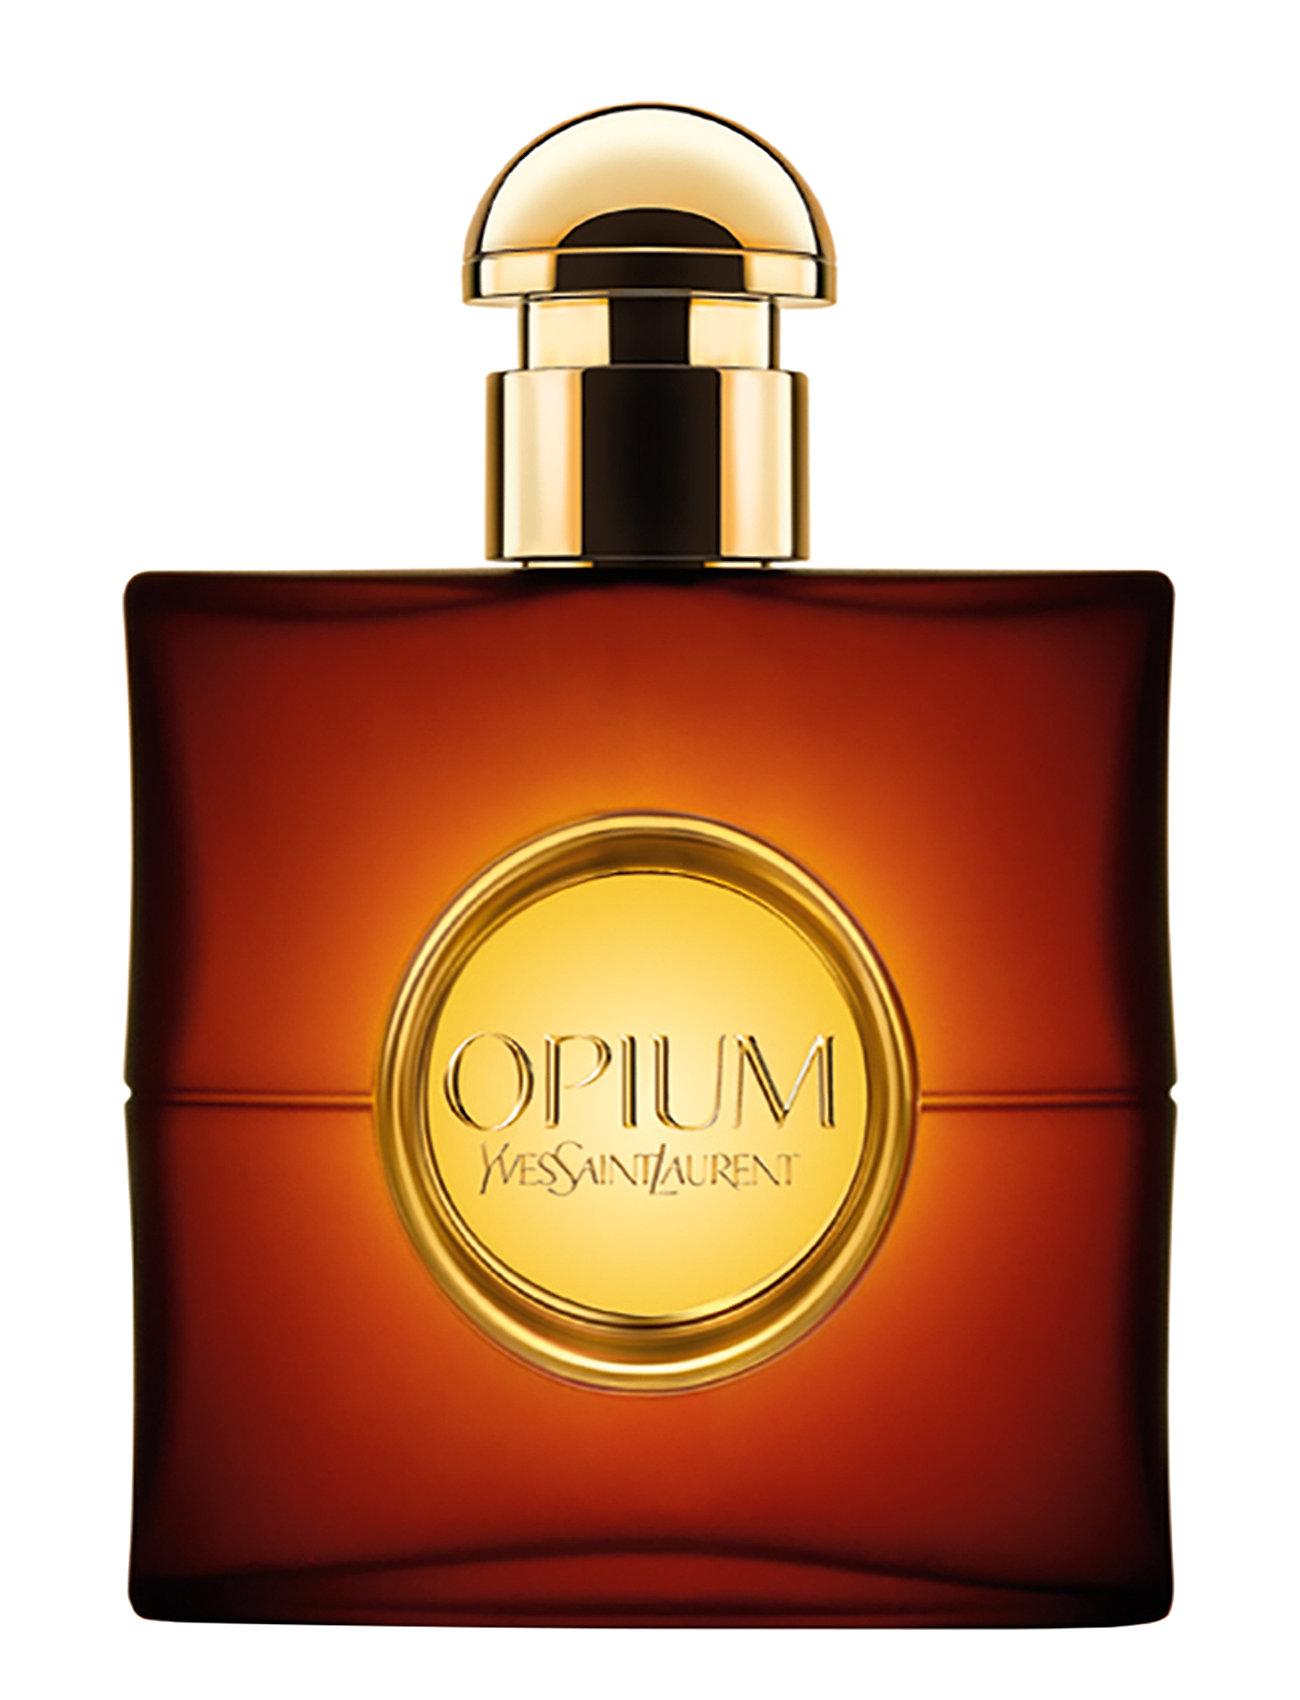 yves saint laurent Opium eau de toilette 50 ml. fra boozt.com dk